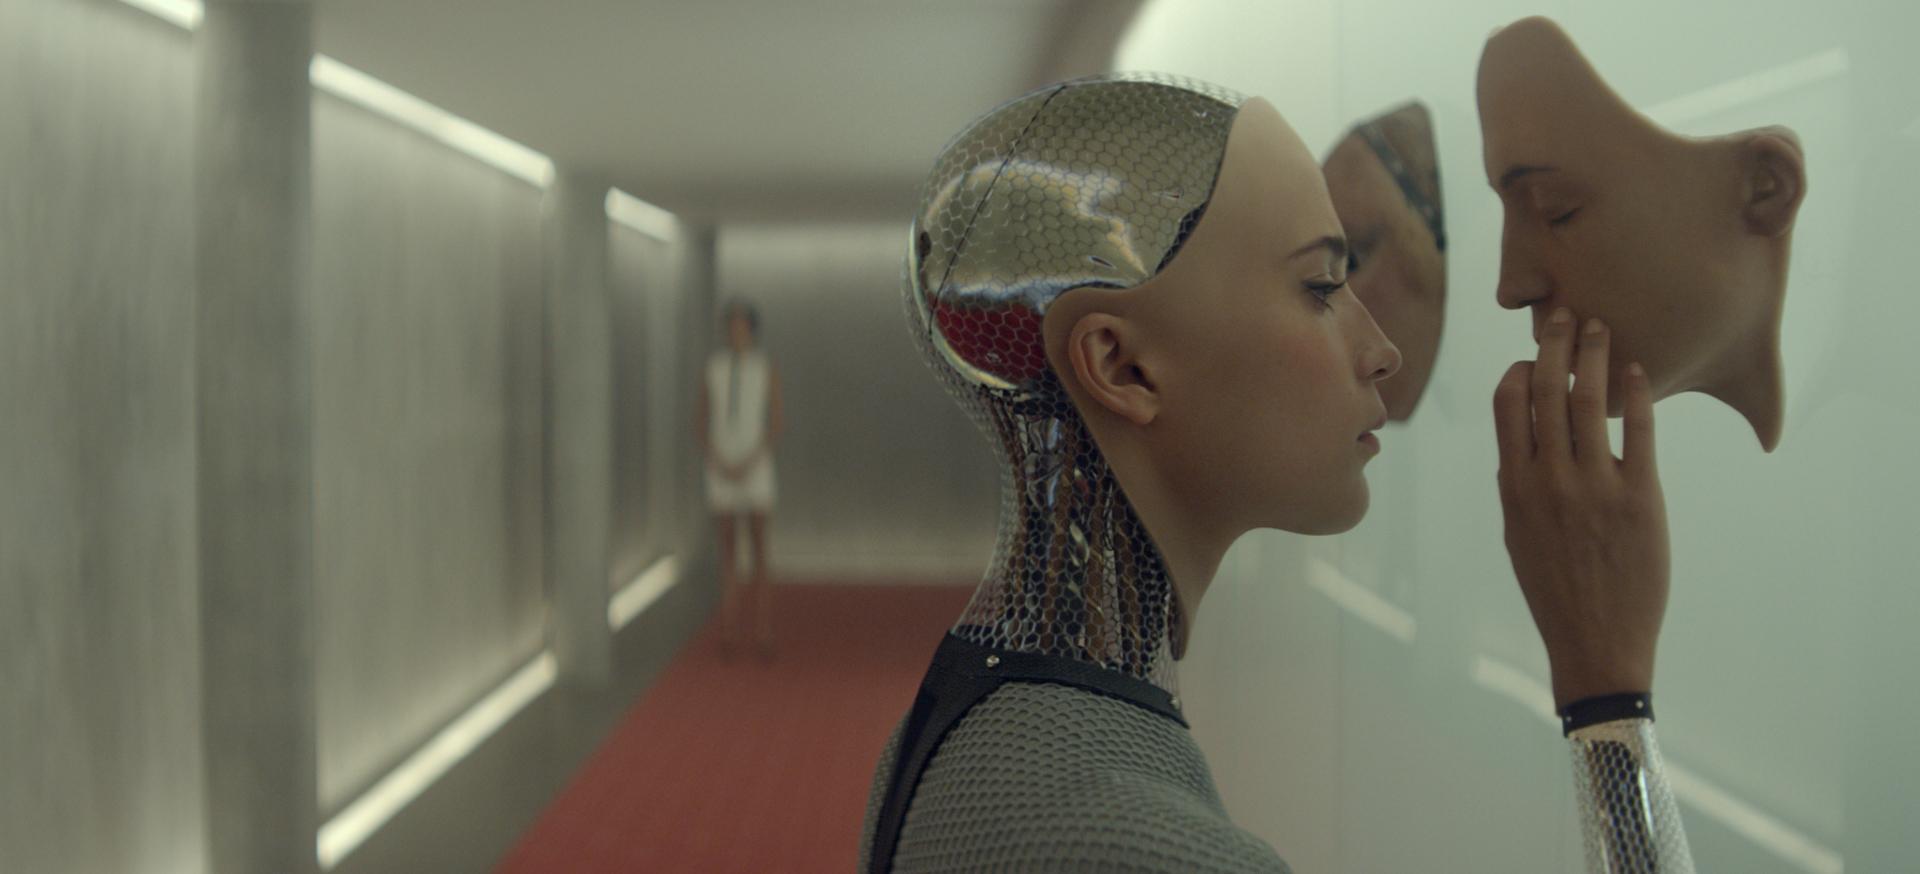 """Tehisintellekti oleme siiani kohanud vaid ulmefilmides. Pildil kaader filmist """"Ex Machina"""" (2015). (CC by 2.0)"""